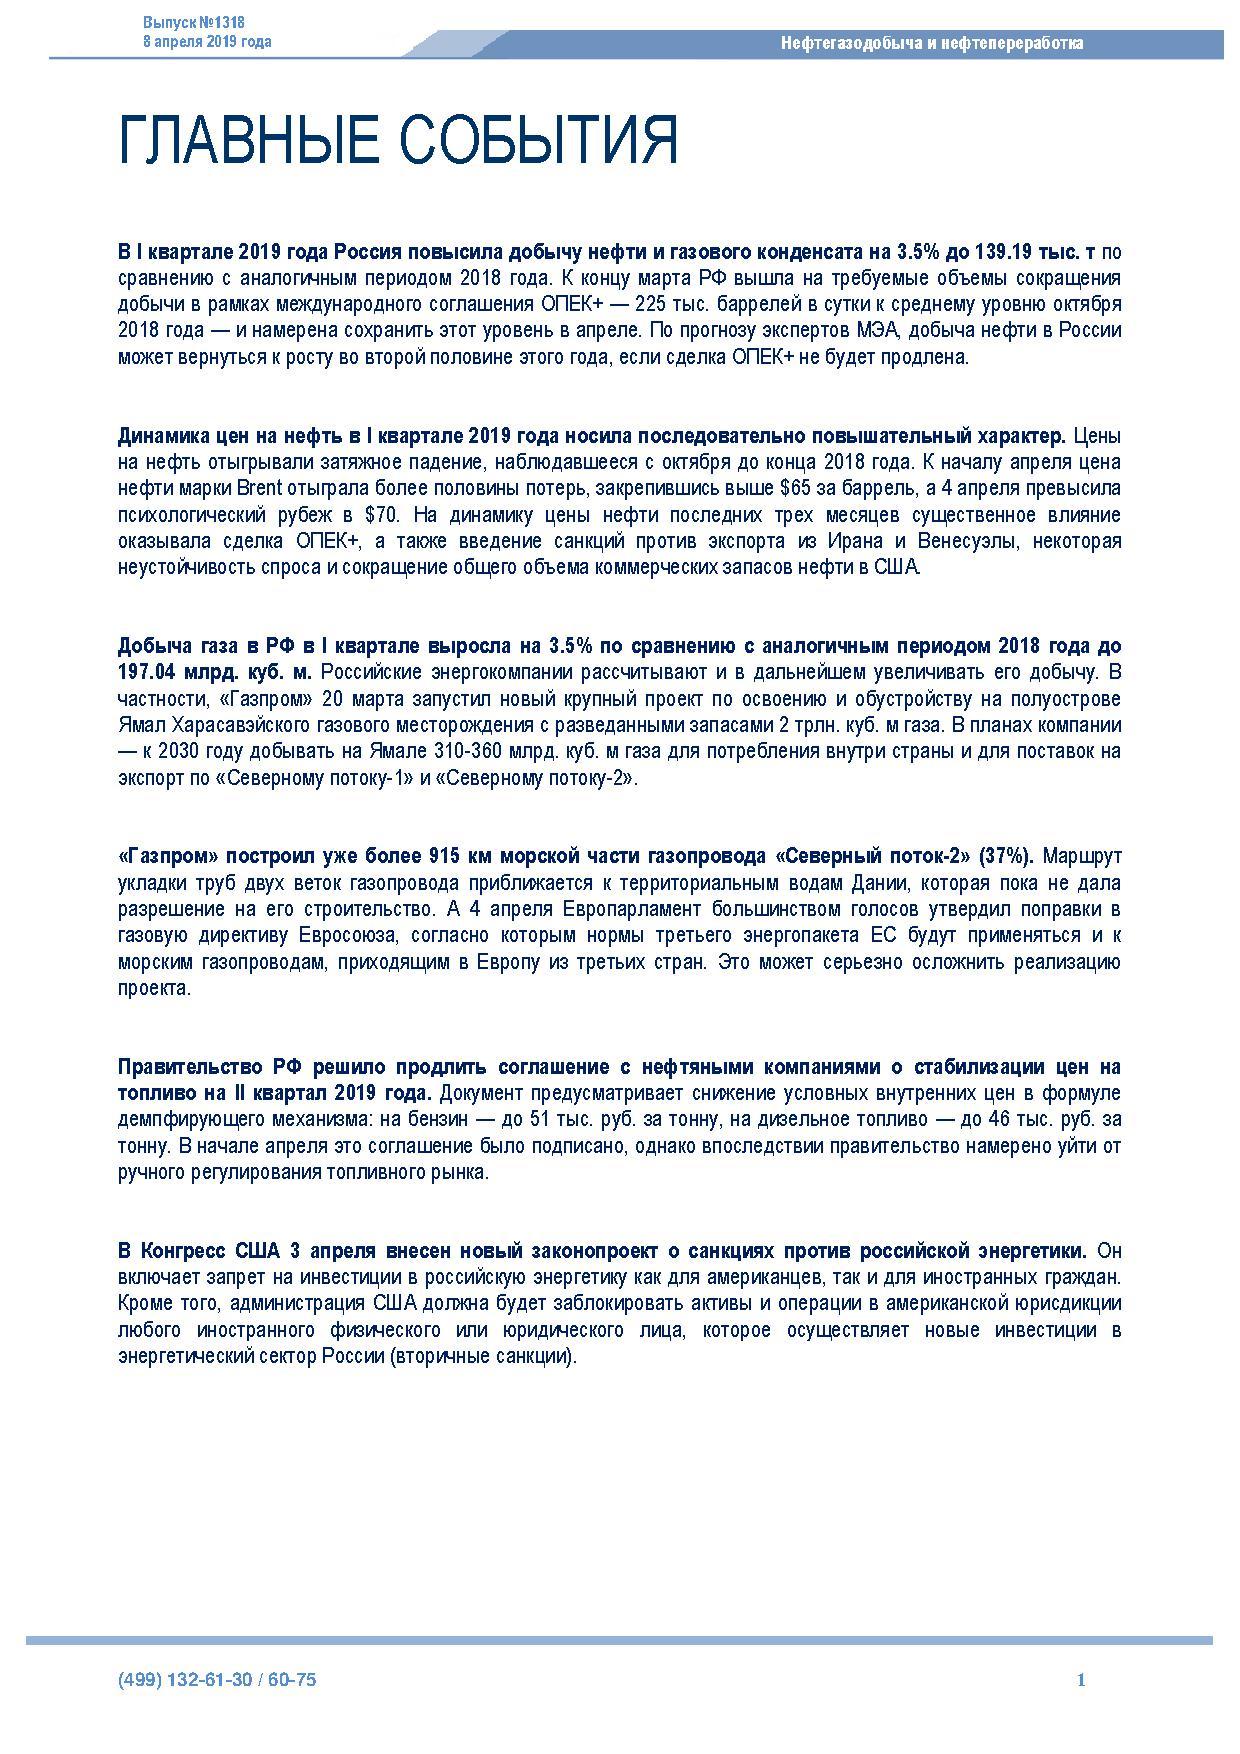 №1318 Нефтегазодобыча и нефтепереработка